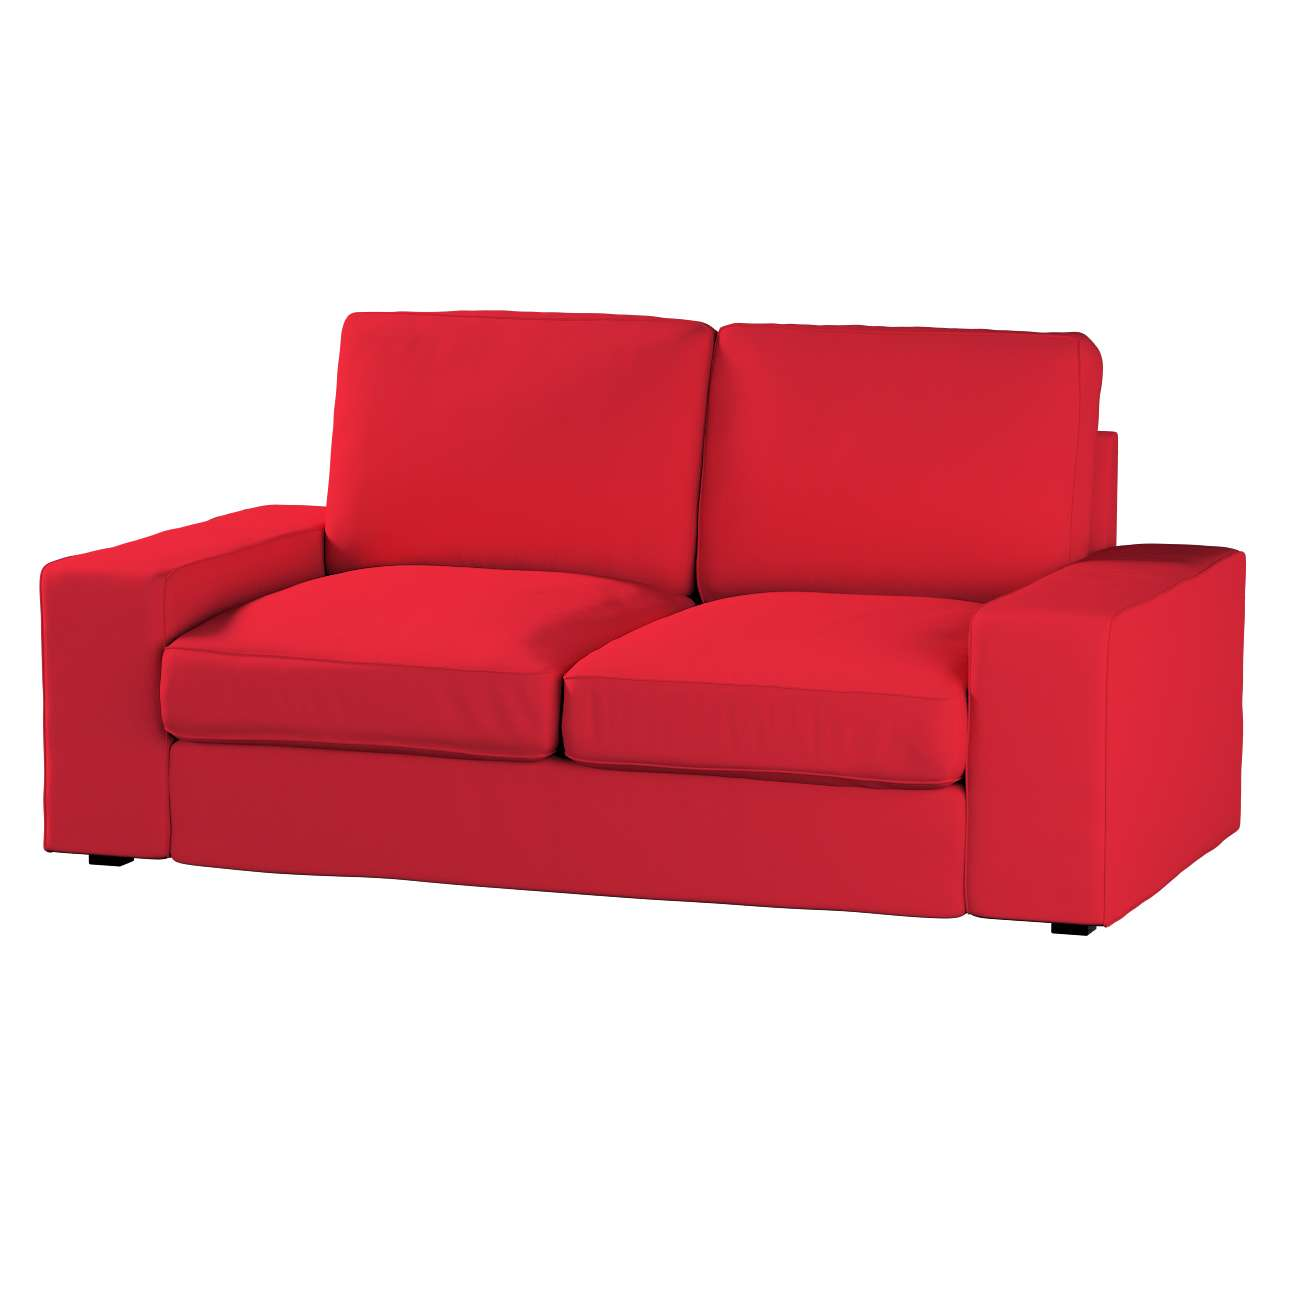 KIVIK dvivietės sofos užvalkalas Kivik 2-seat sofa kolekcijoje Cotton Panama, audinys: 702-04